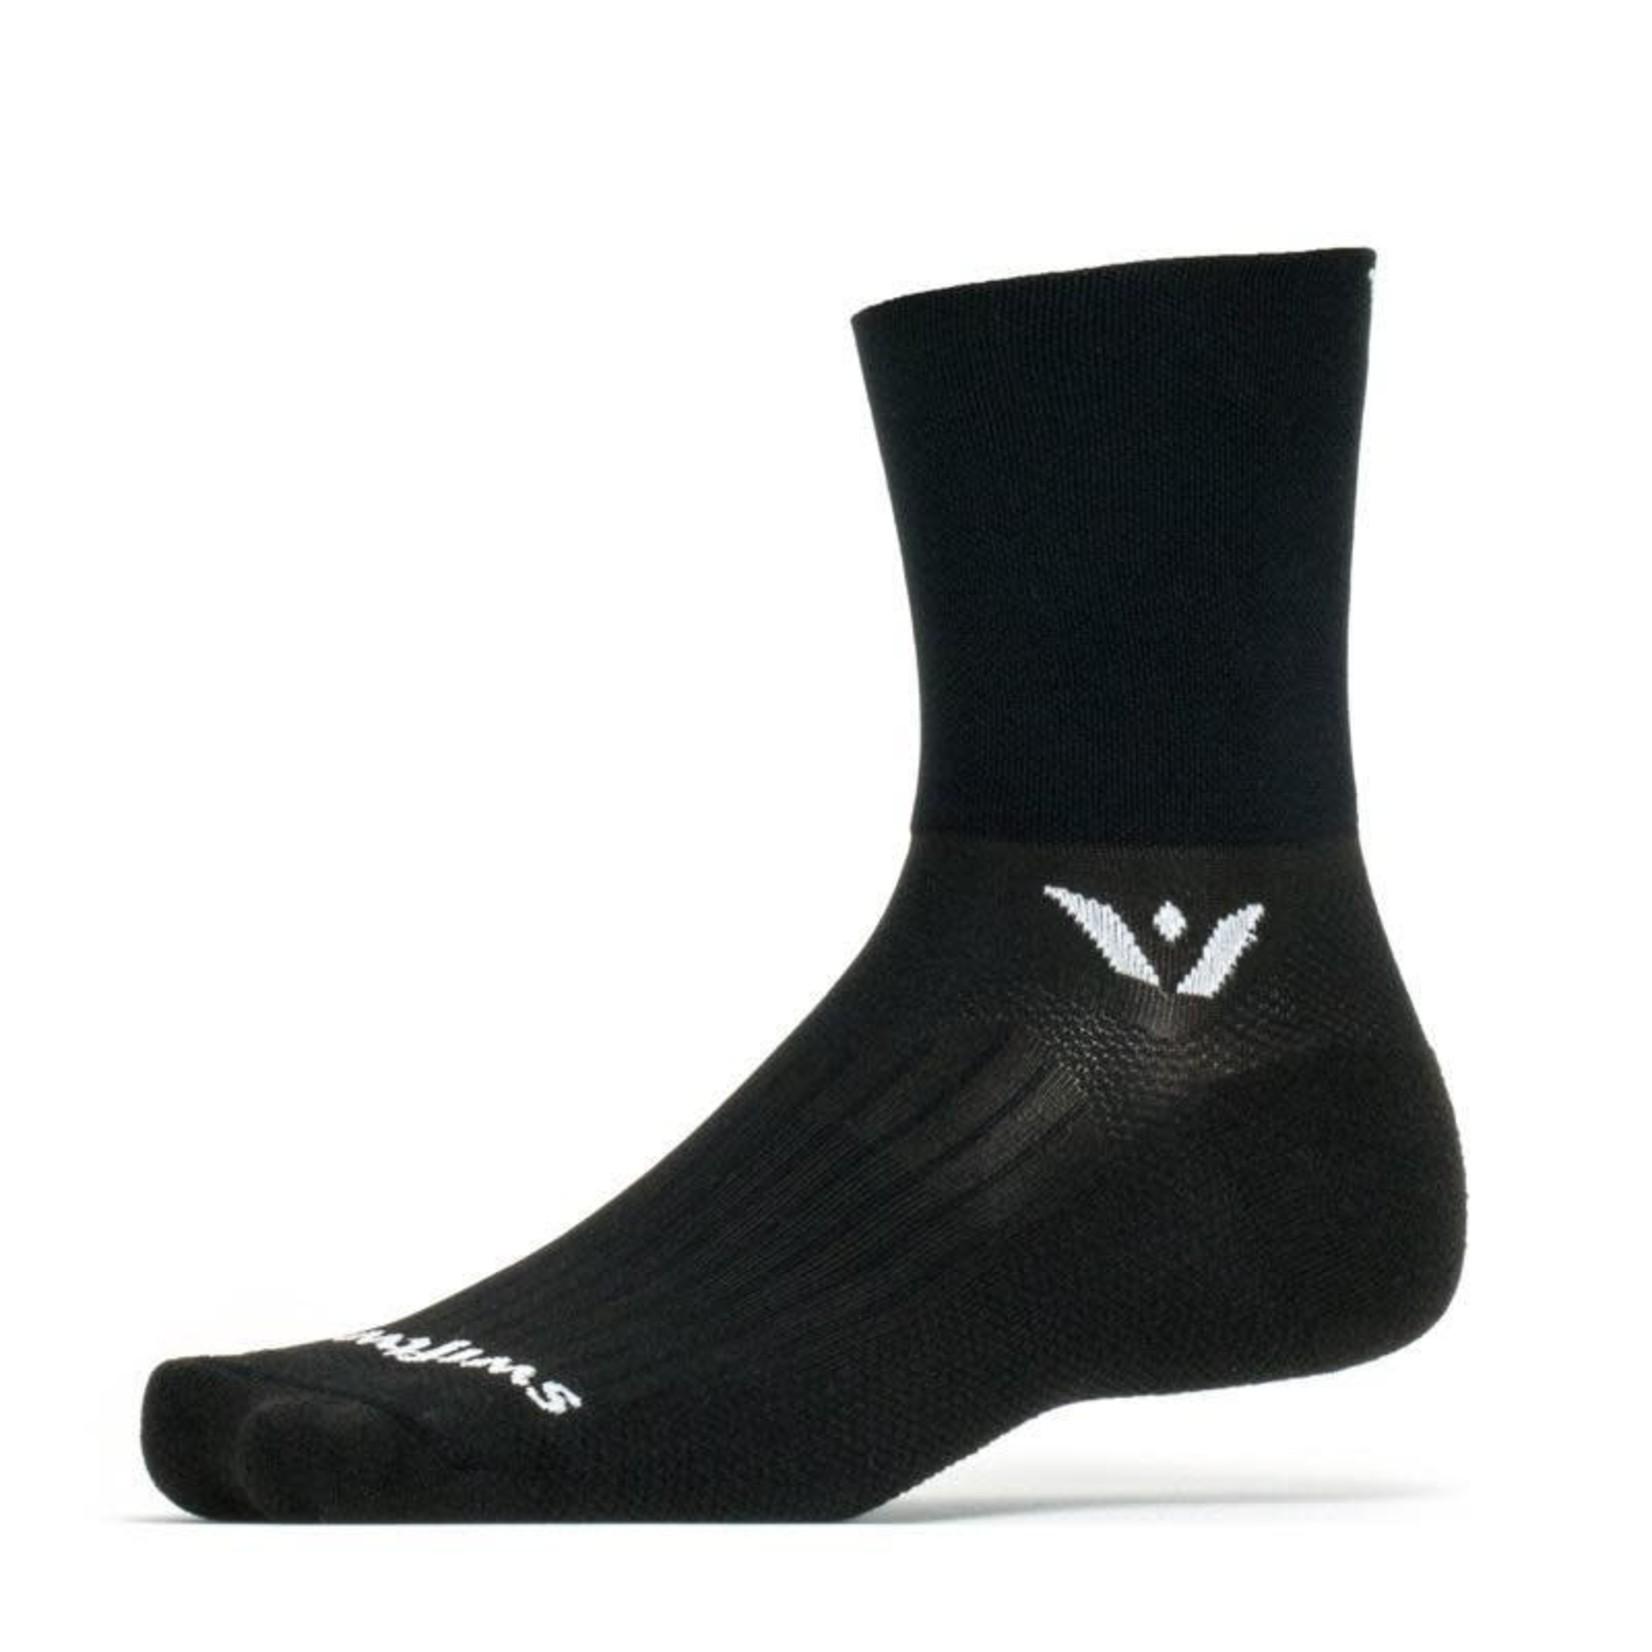 SWIFTWICK Swiftwick Aspire Four Sock